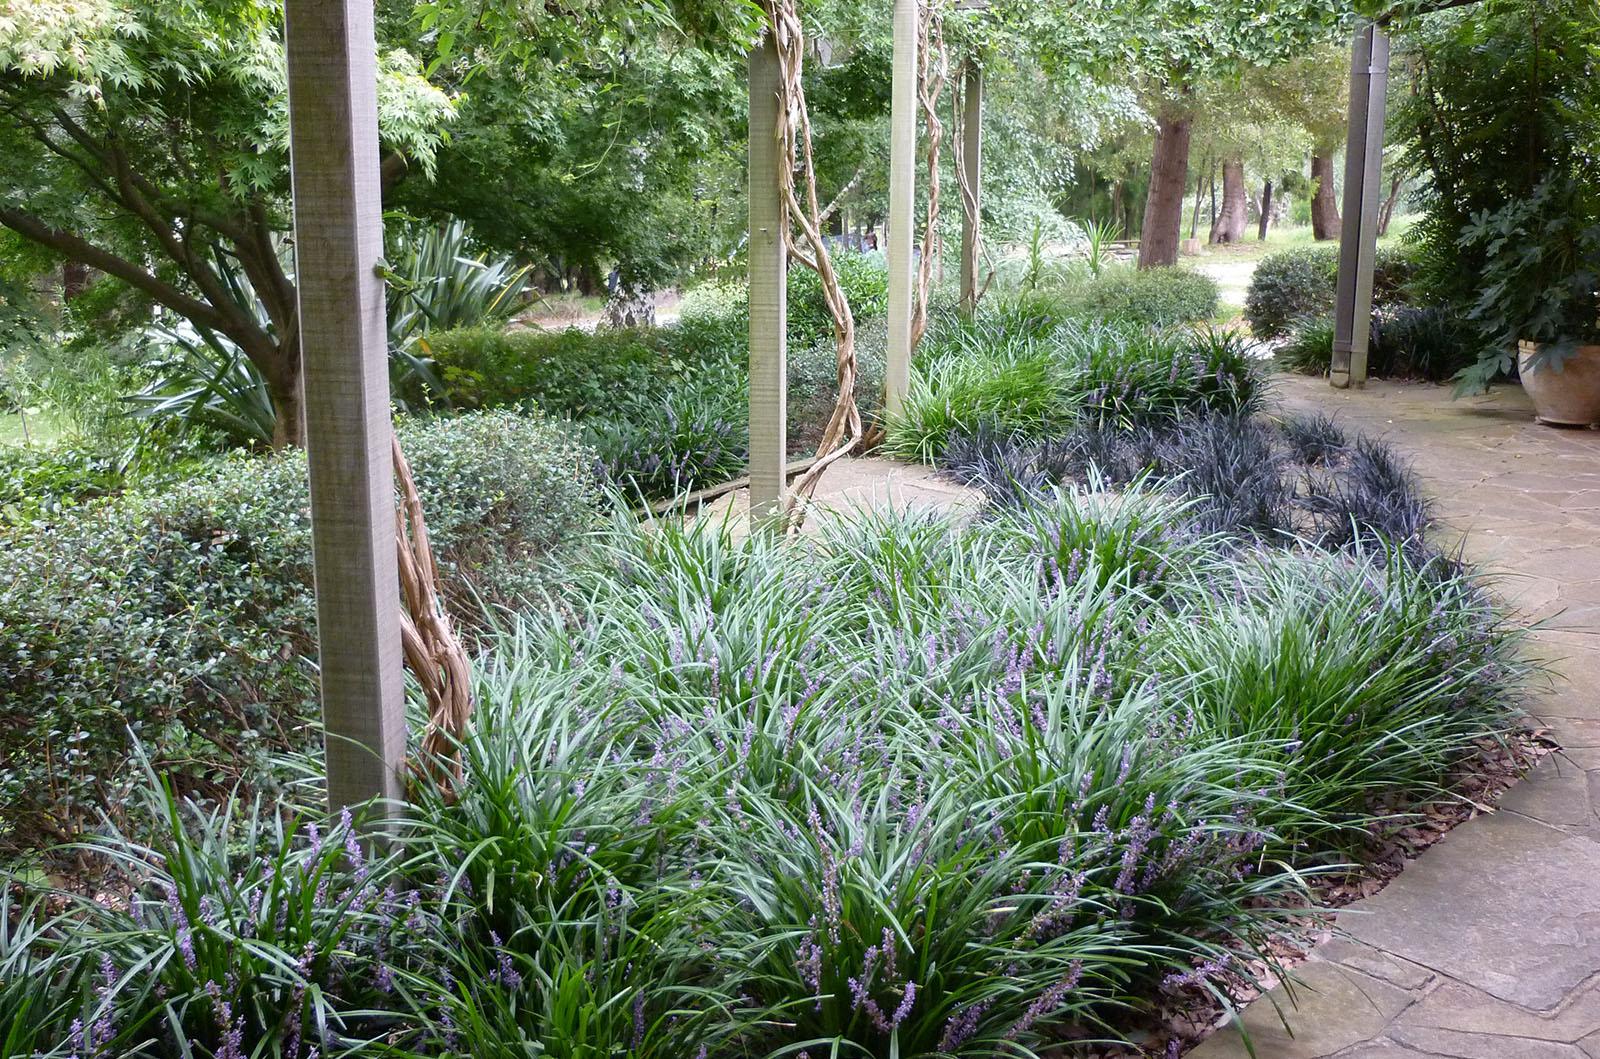 Garden in the Hills_0000s_0006_Vinen 6